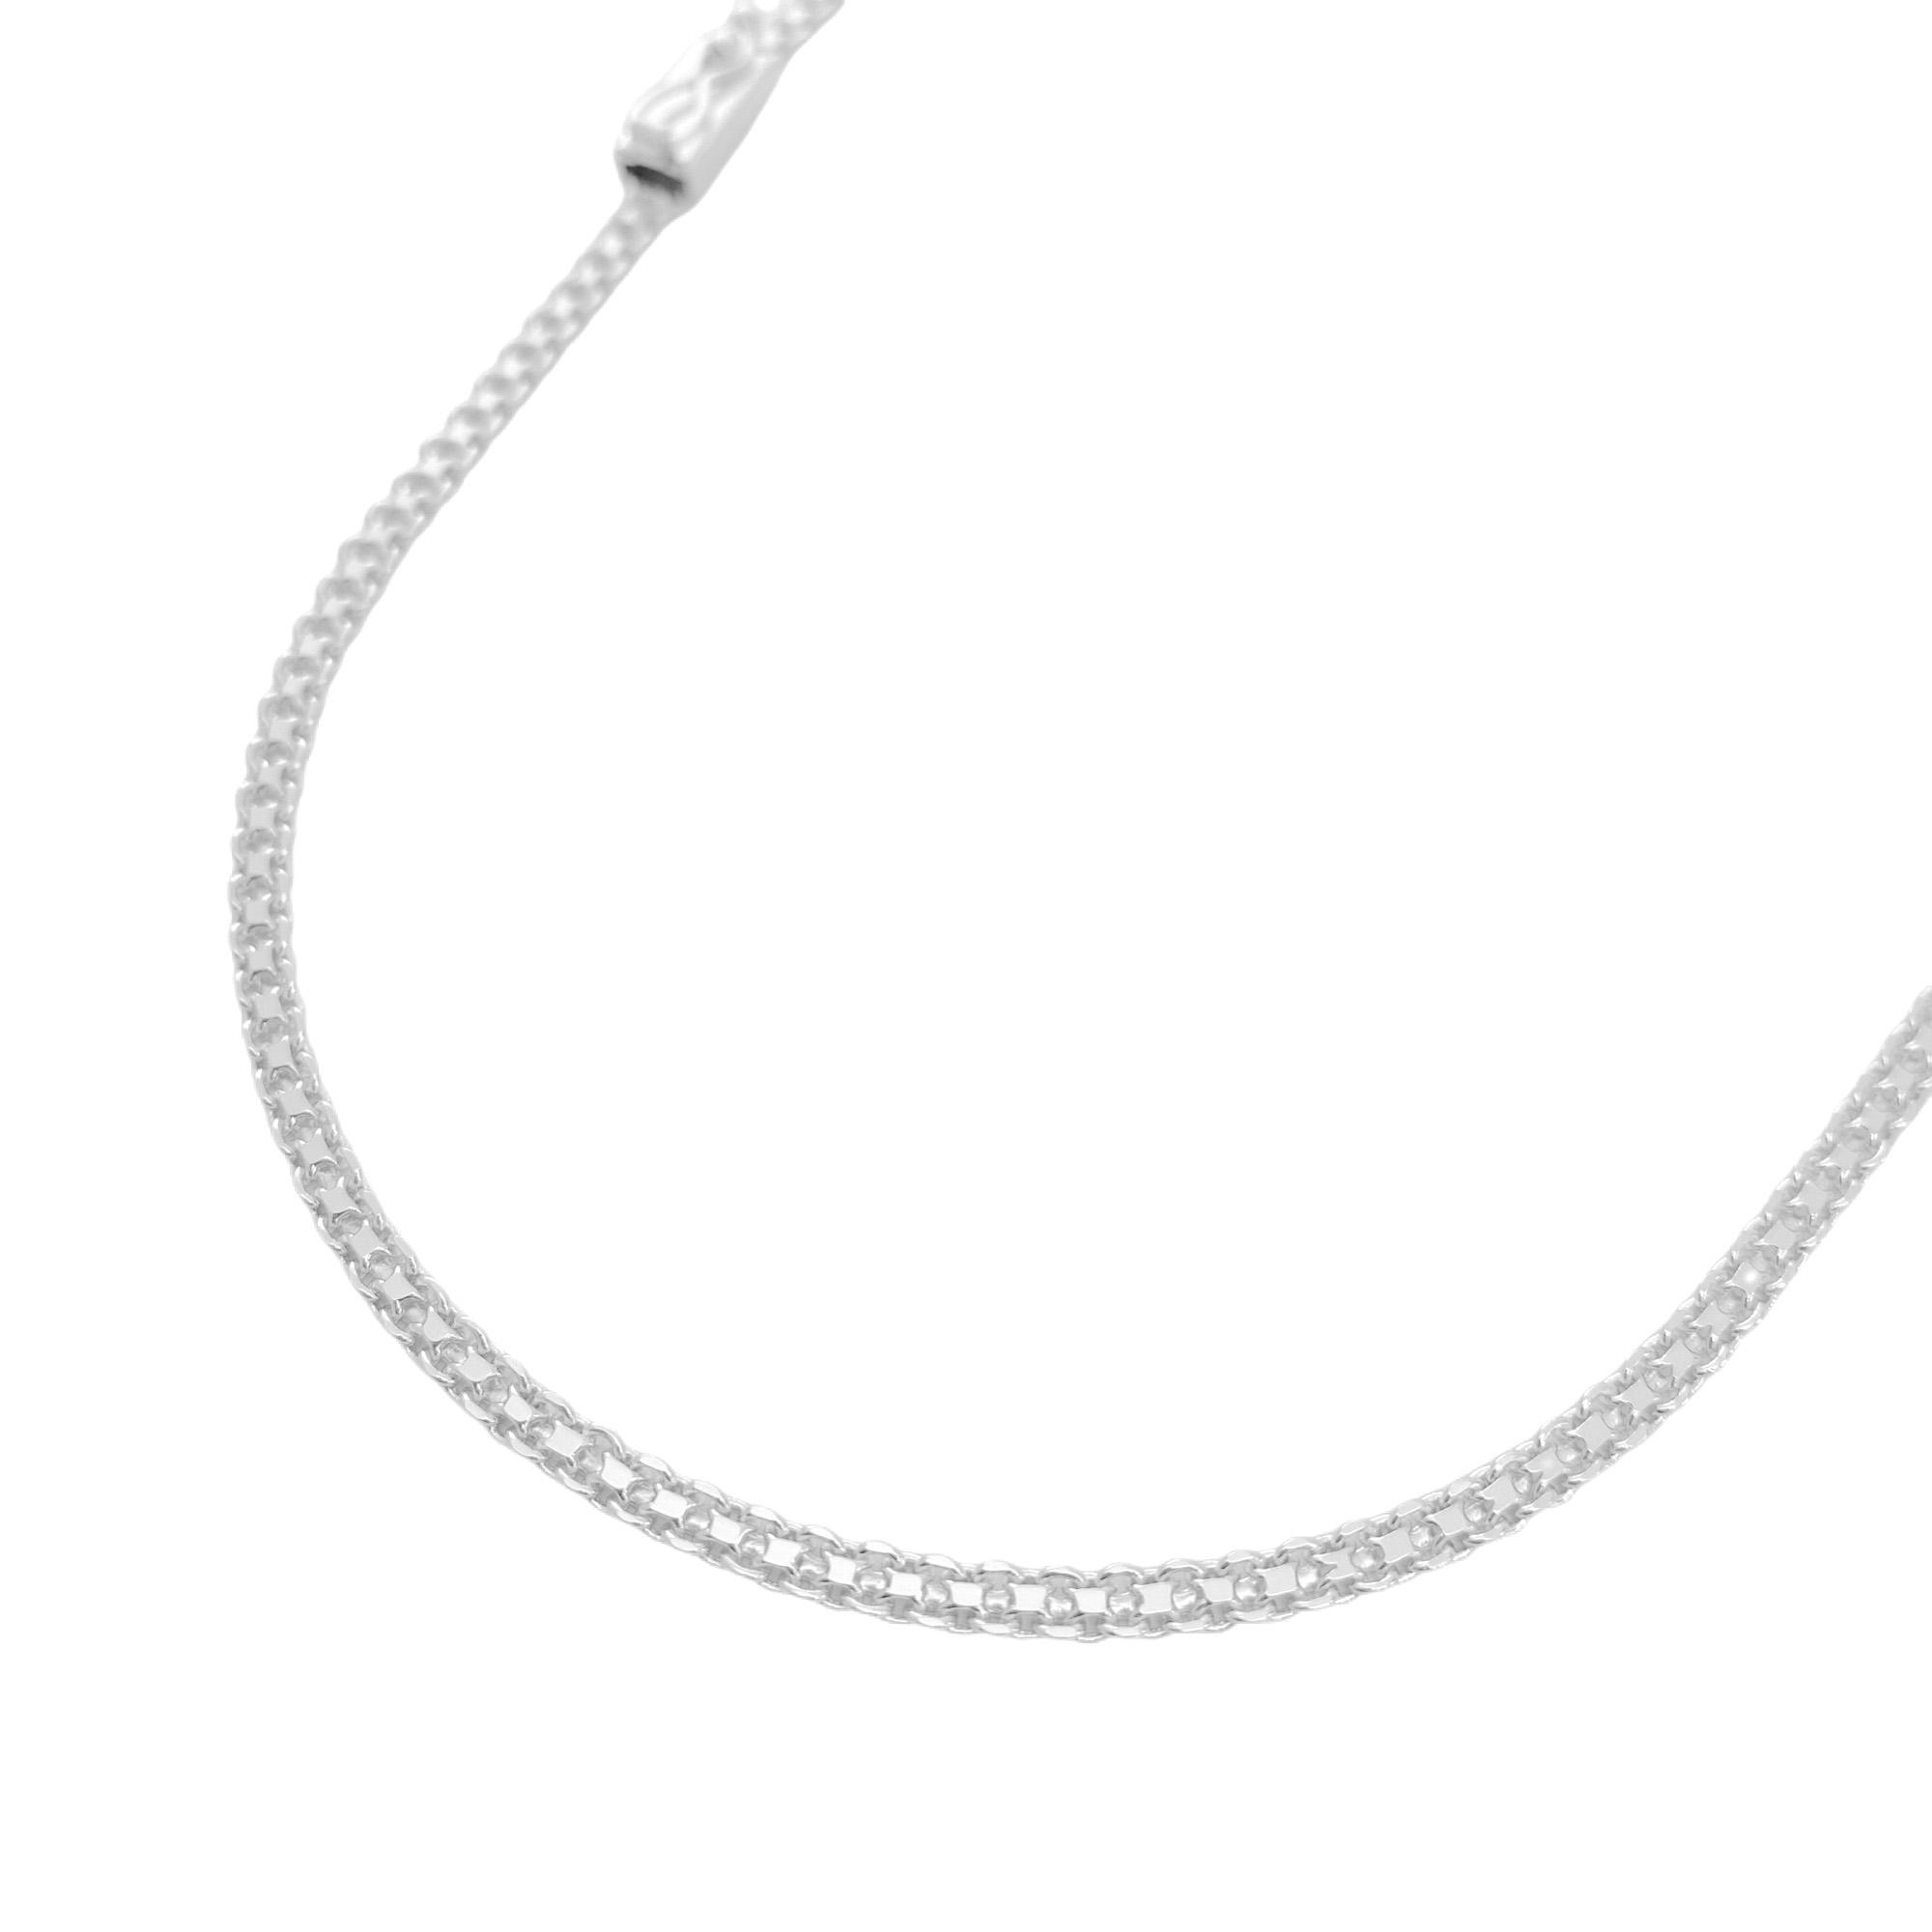 Corrente Cadeado Duplo 2,8mm 70cm (10g) (Fecho Gaveta) (Banho Prata 925)